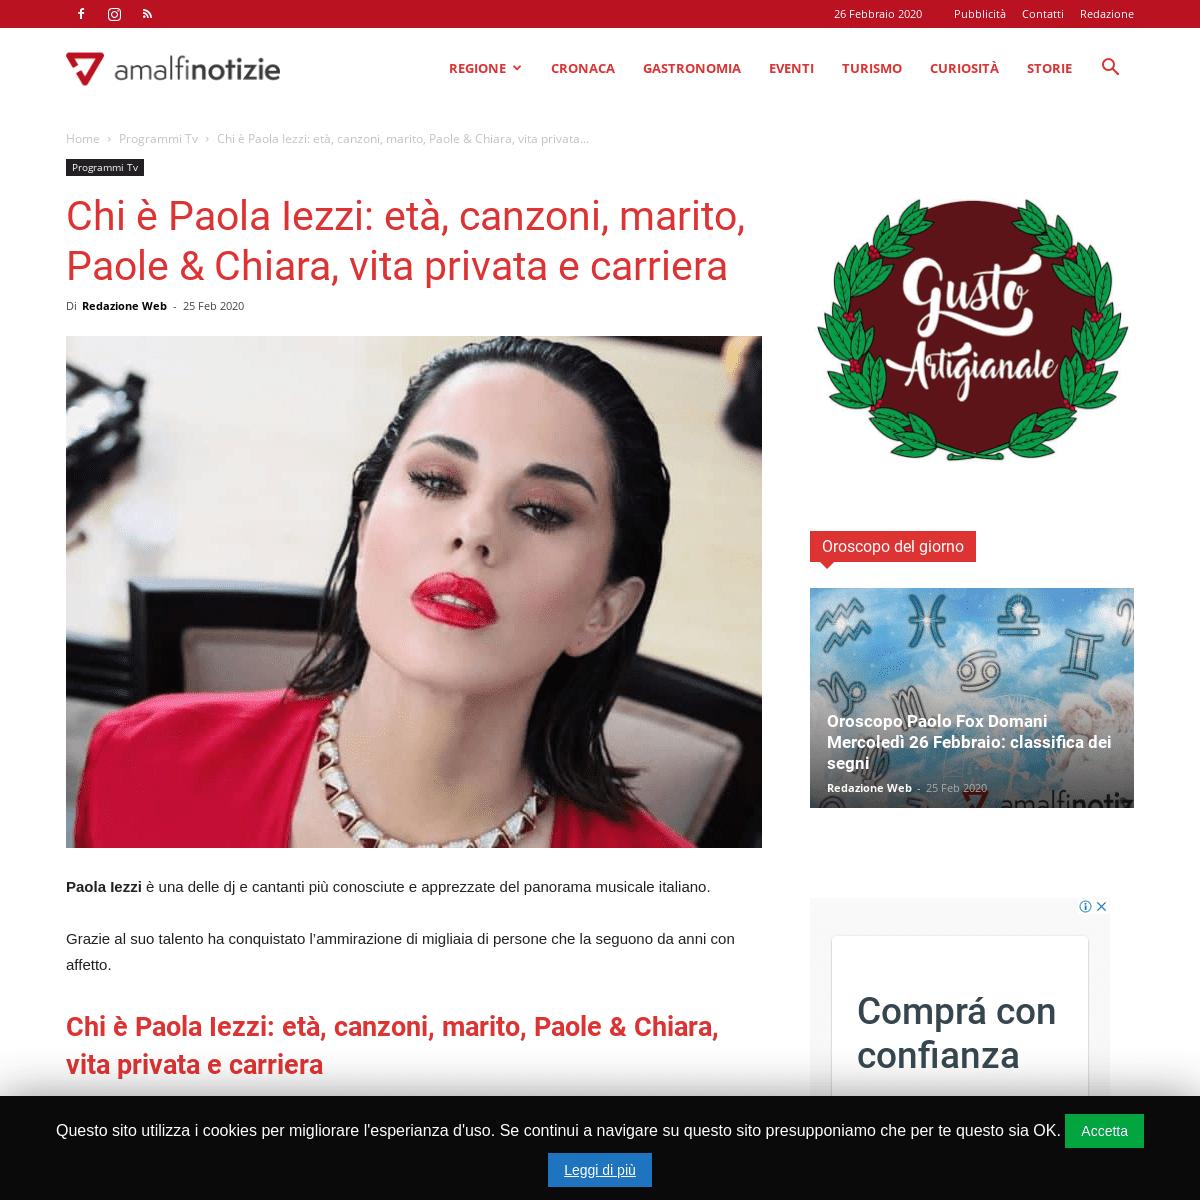 Chi è Paola Iezzi- età, canzoni, marito, Paole & Chiara, vita privata e carriera